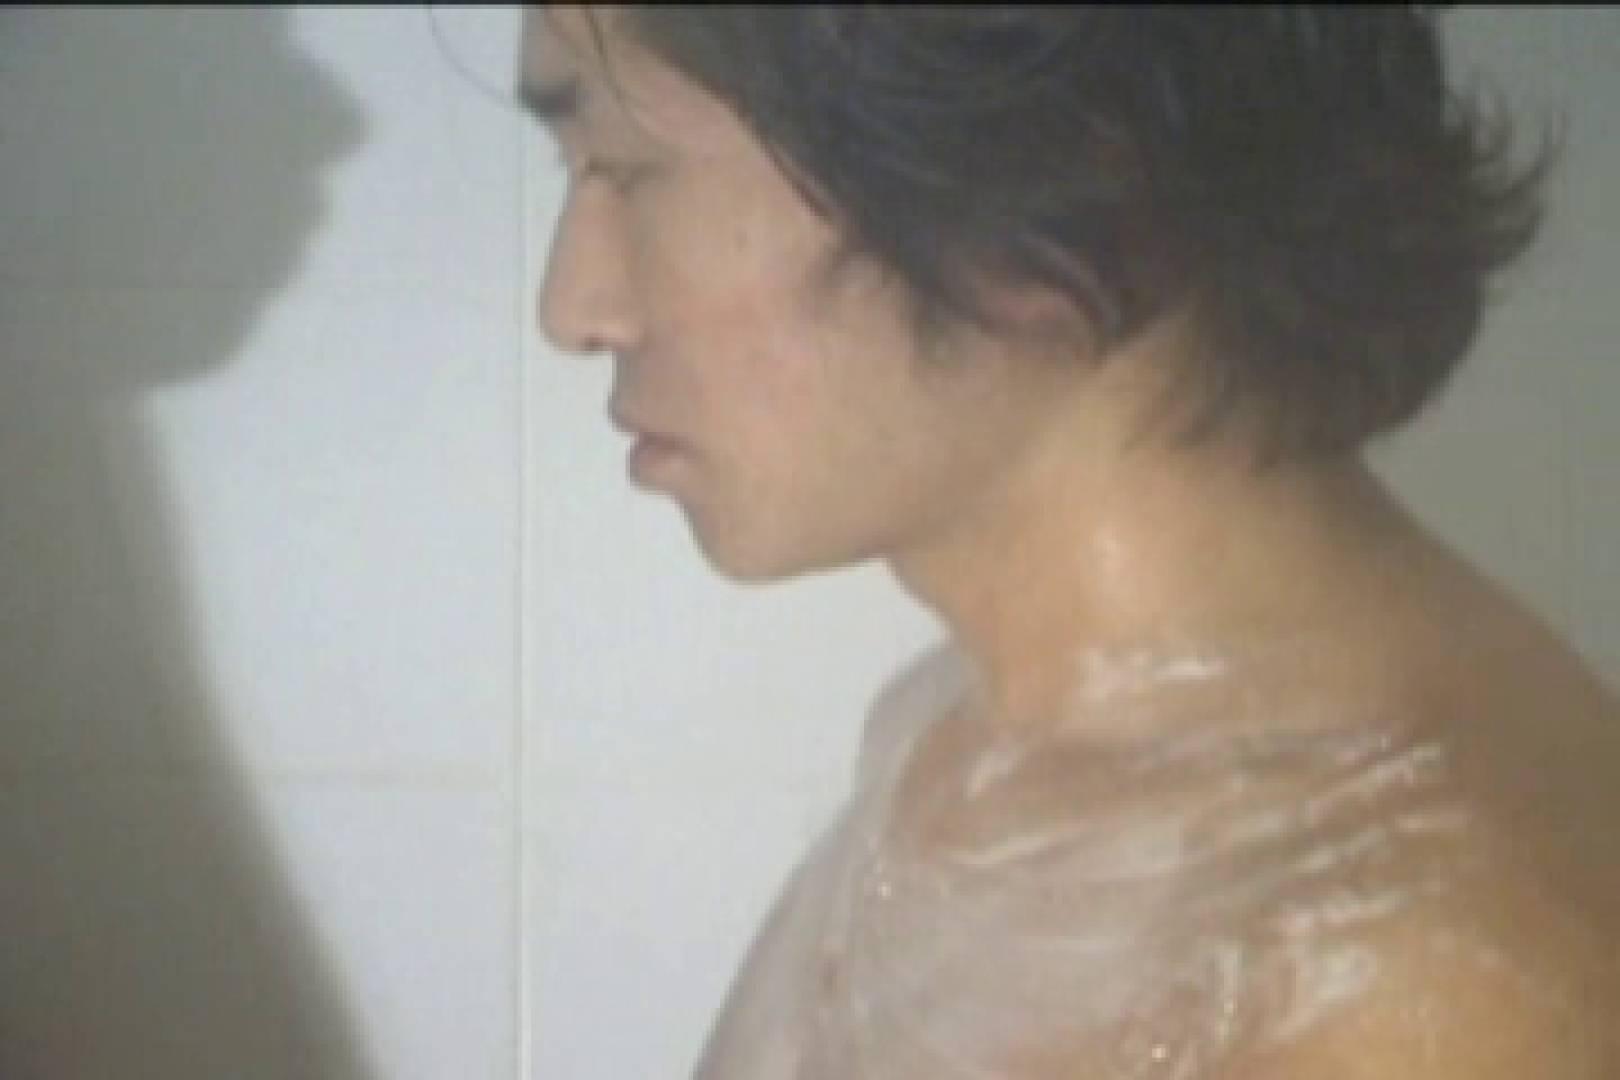 発情期真っ盛り!Vol.02 入浴・シャワーシーン ゲイAV画像 108枚 31